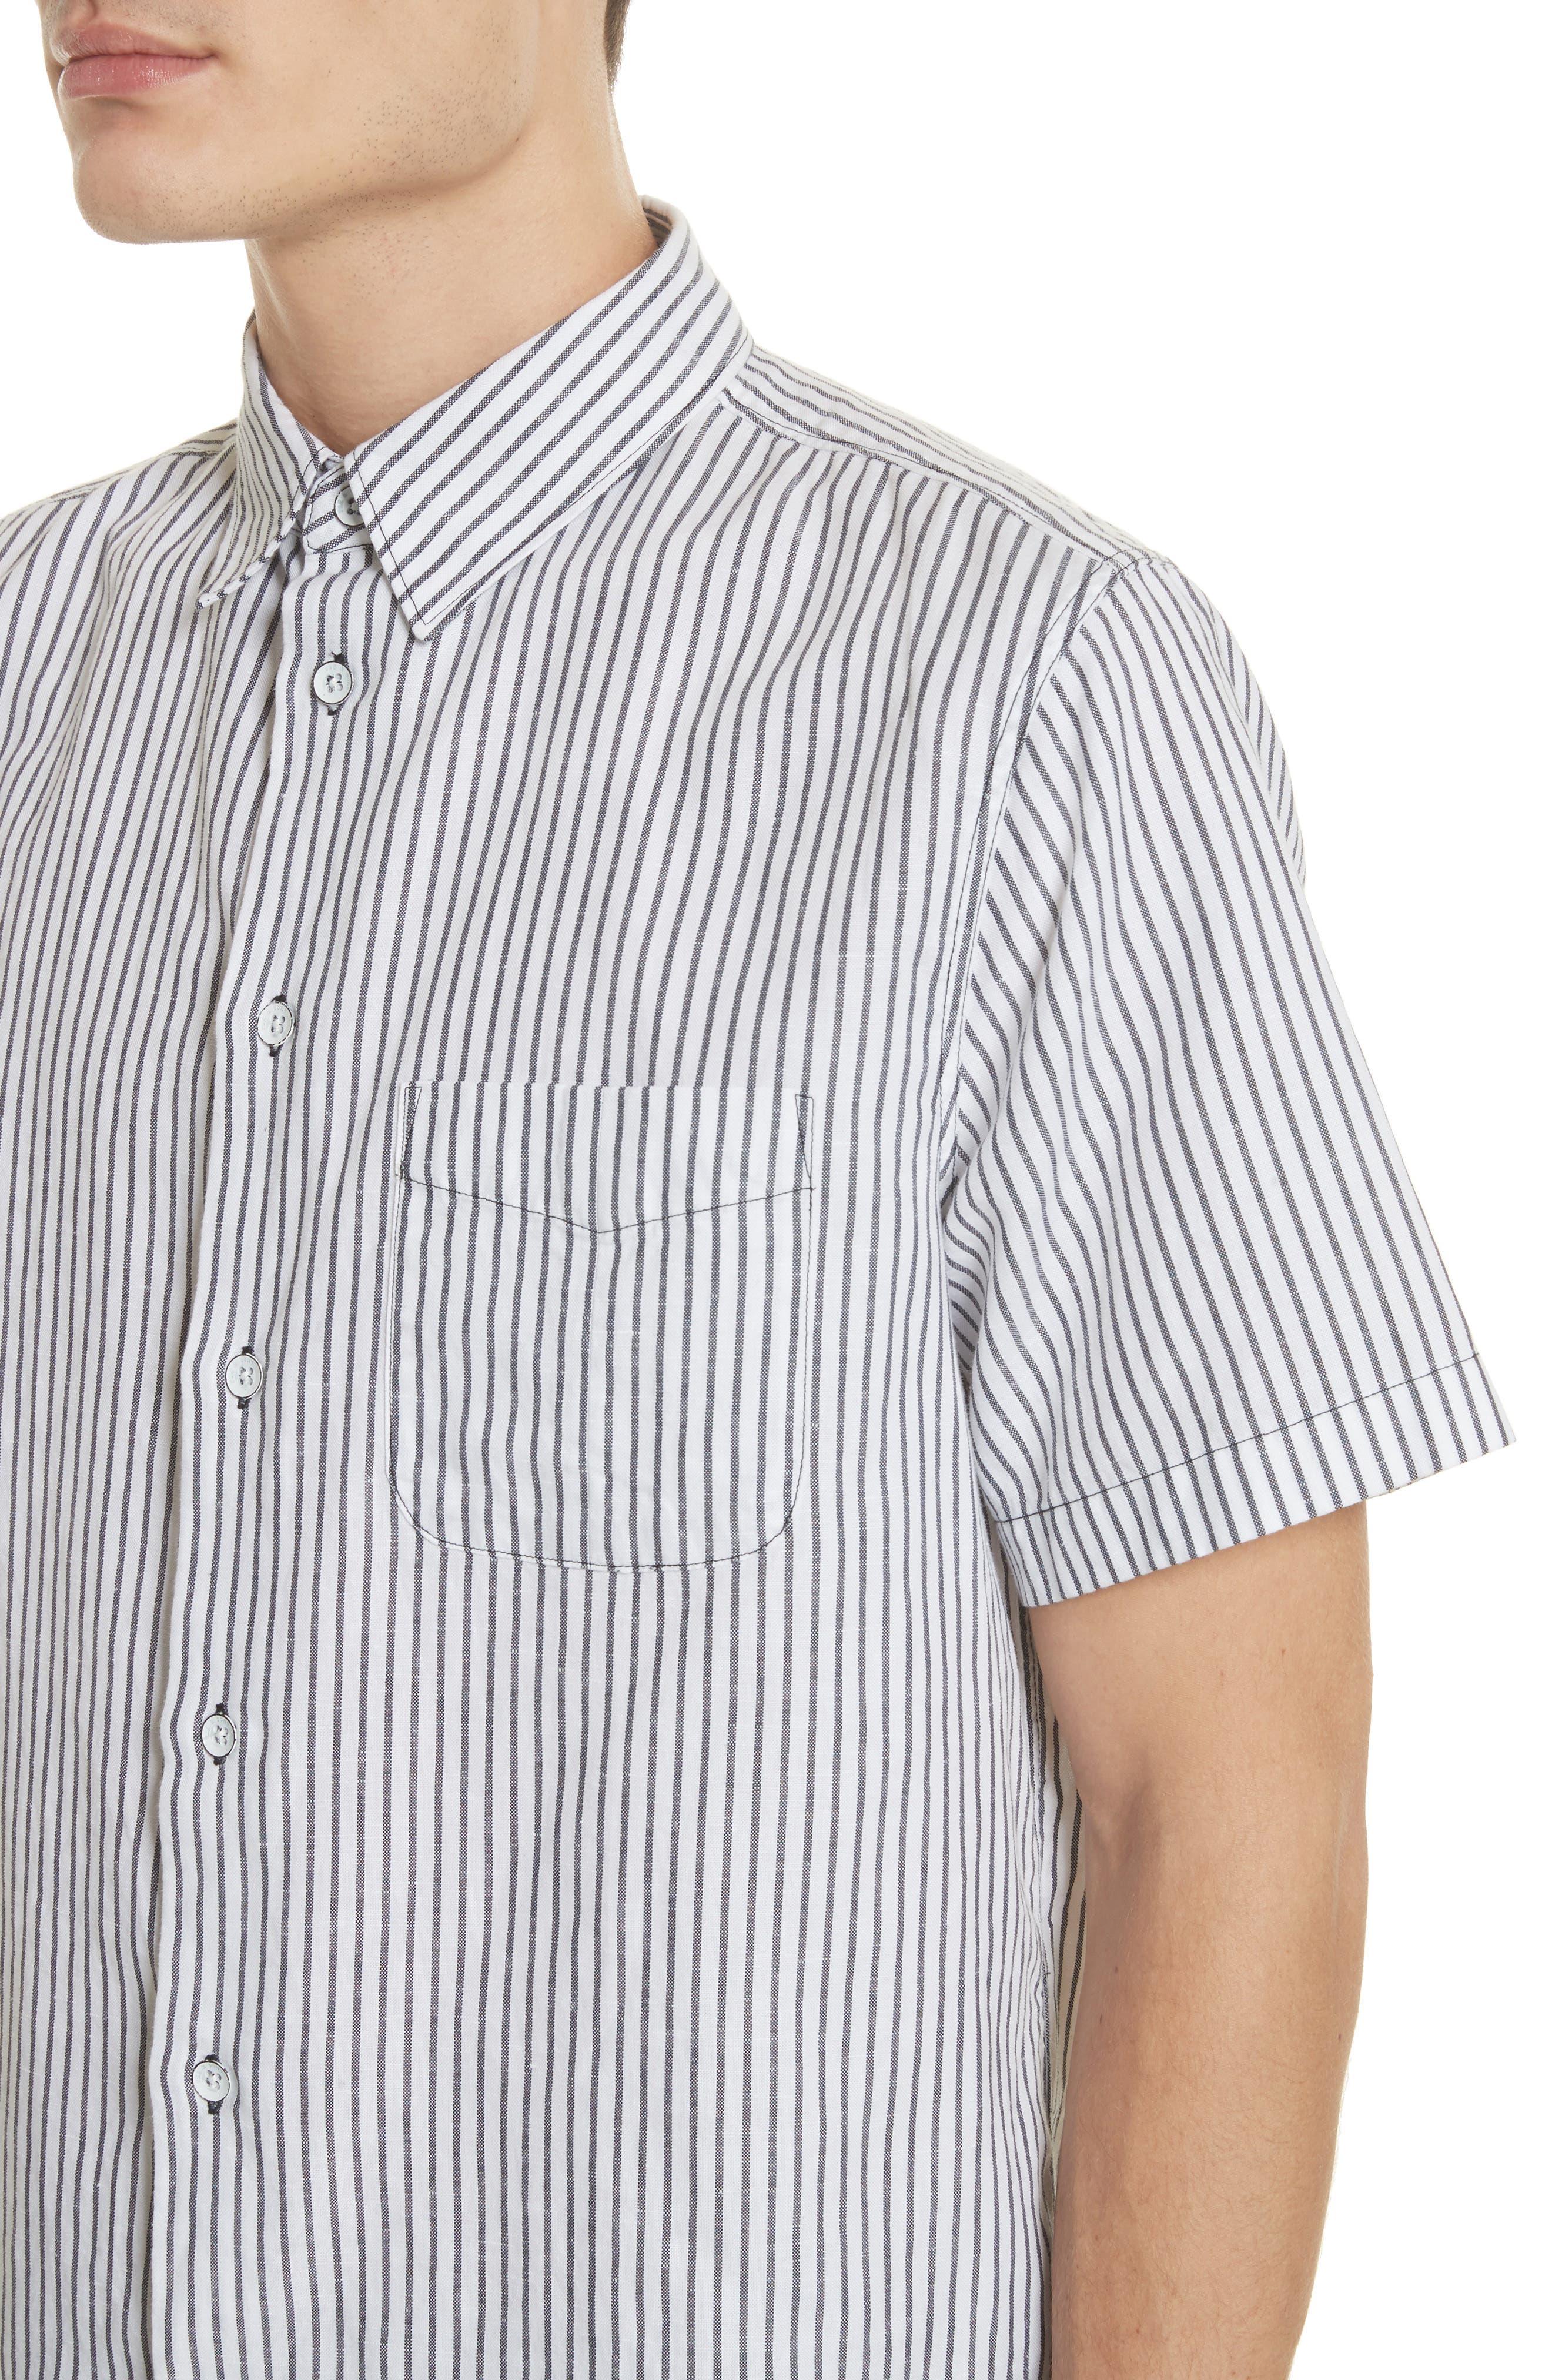 Stripe Short Sleeve Sport Shirt,                             Alternate thumbnail 2, color,                             White/Navy